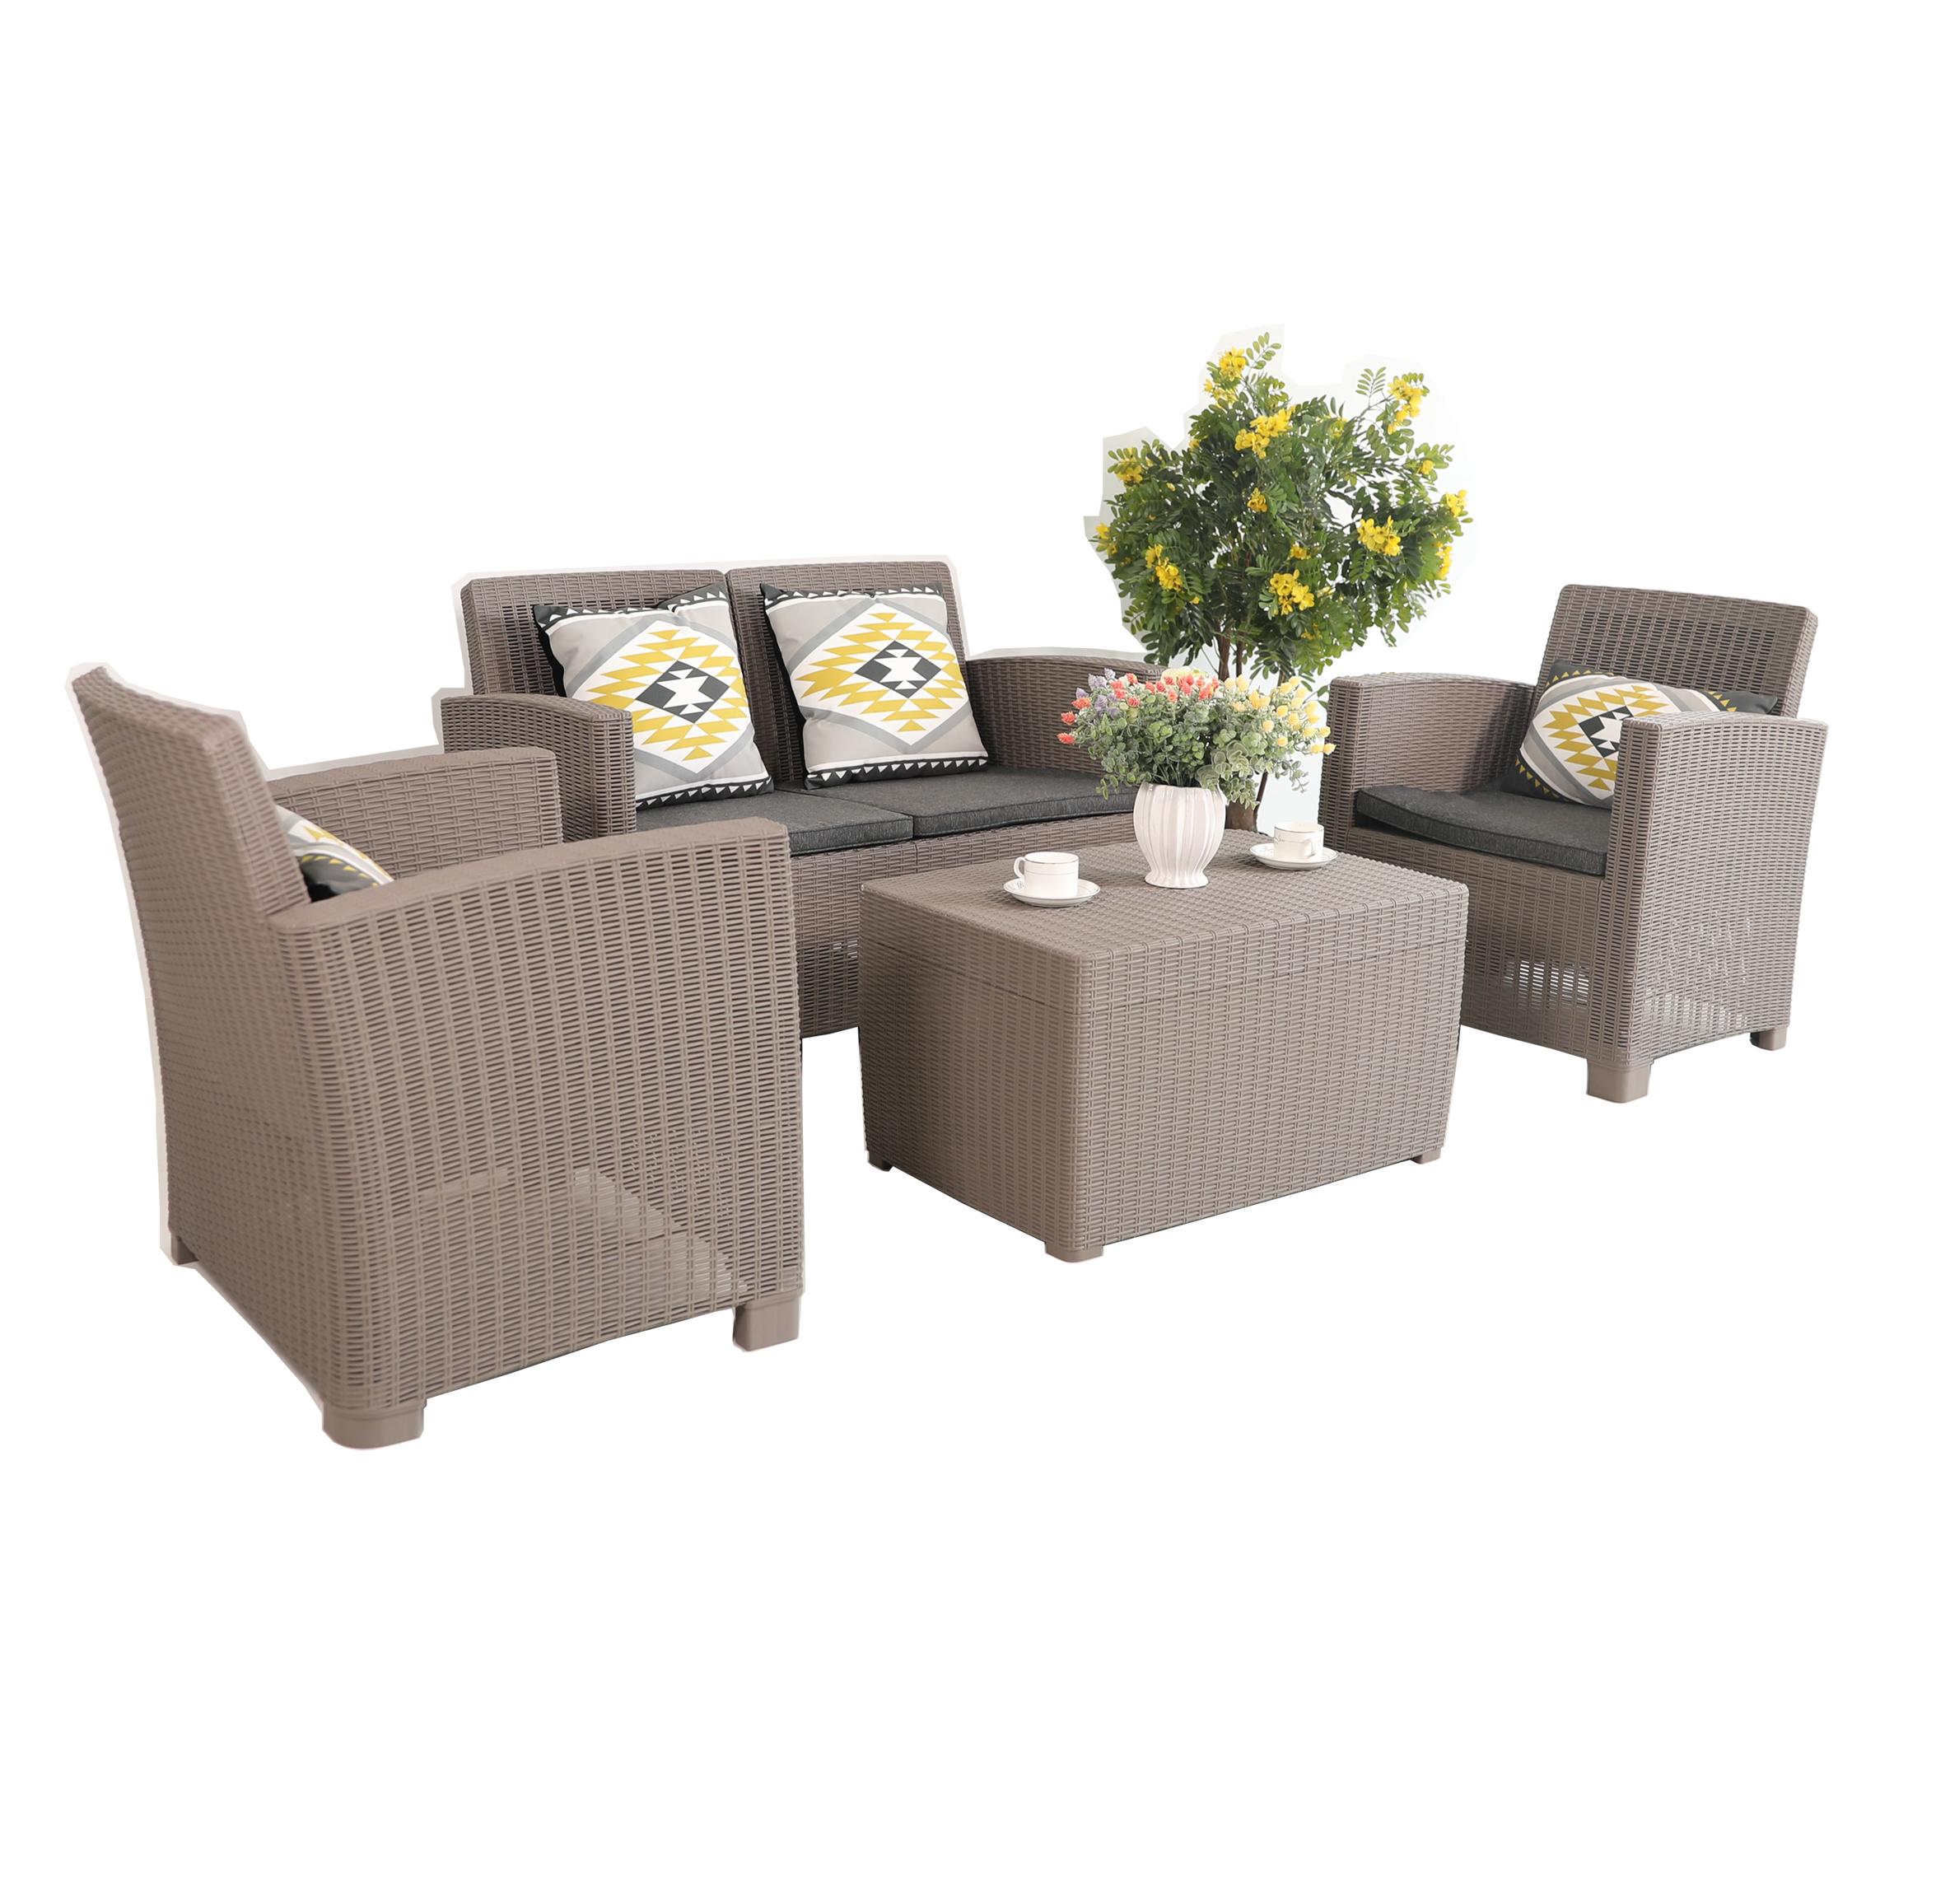 Venta al por mayor el patio muebles de jardin usa Compre